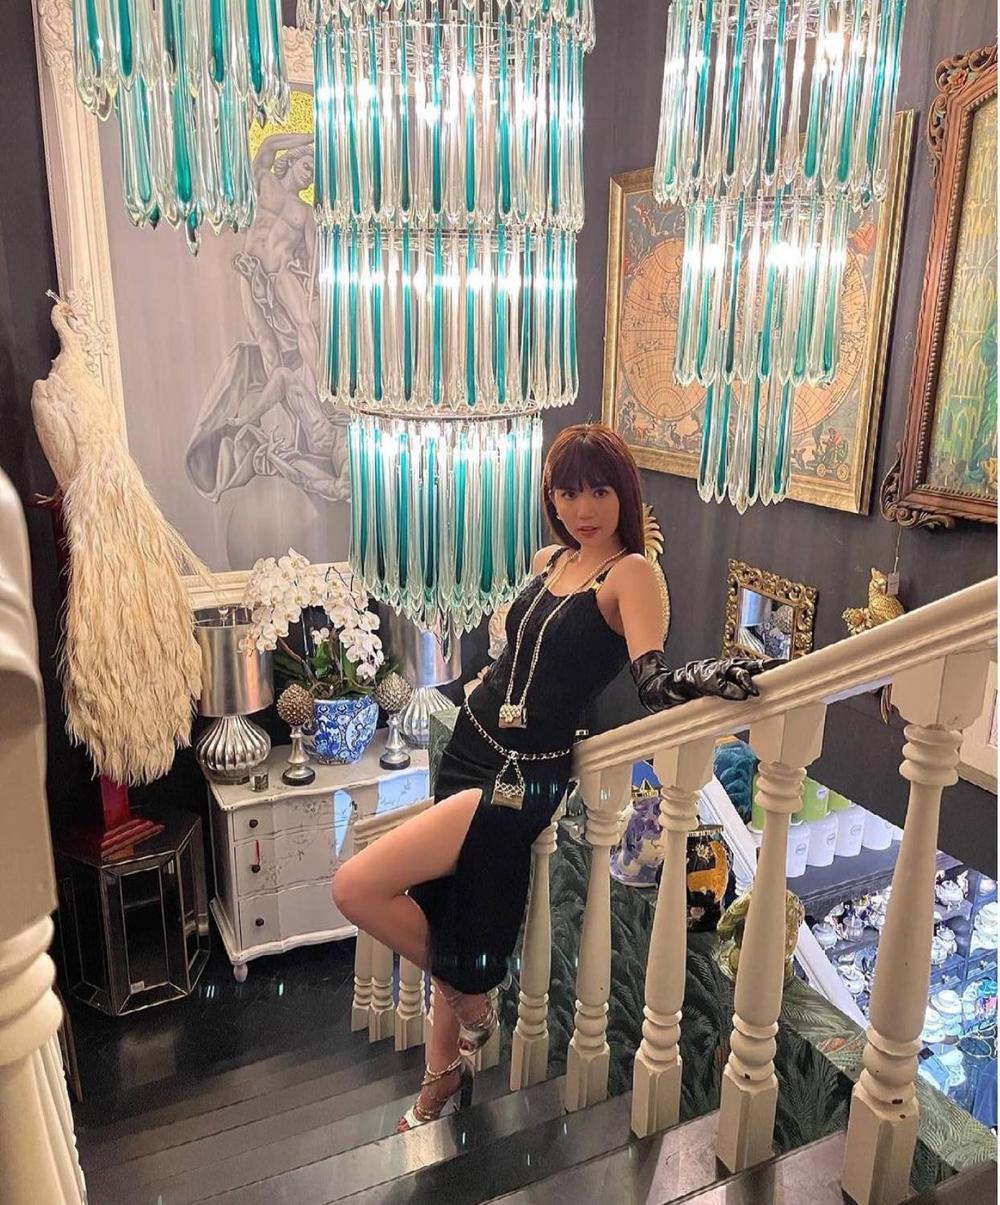 Ngọc Trinh khoe dáng 'nóng hổi' với váy đen huyền bí, loạt phụ kiện bắt mắt mới là đỉnh cao sang chảnh Ảnh 6